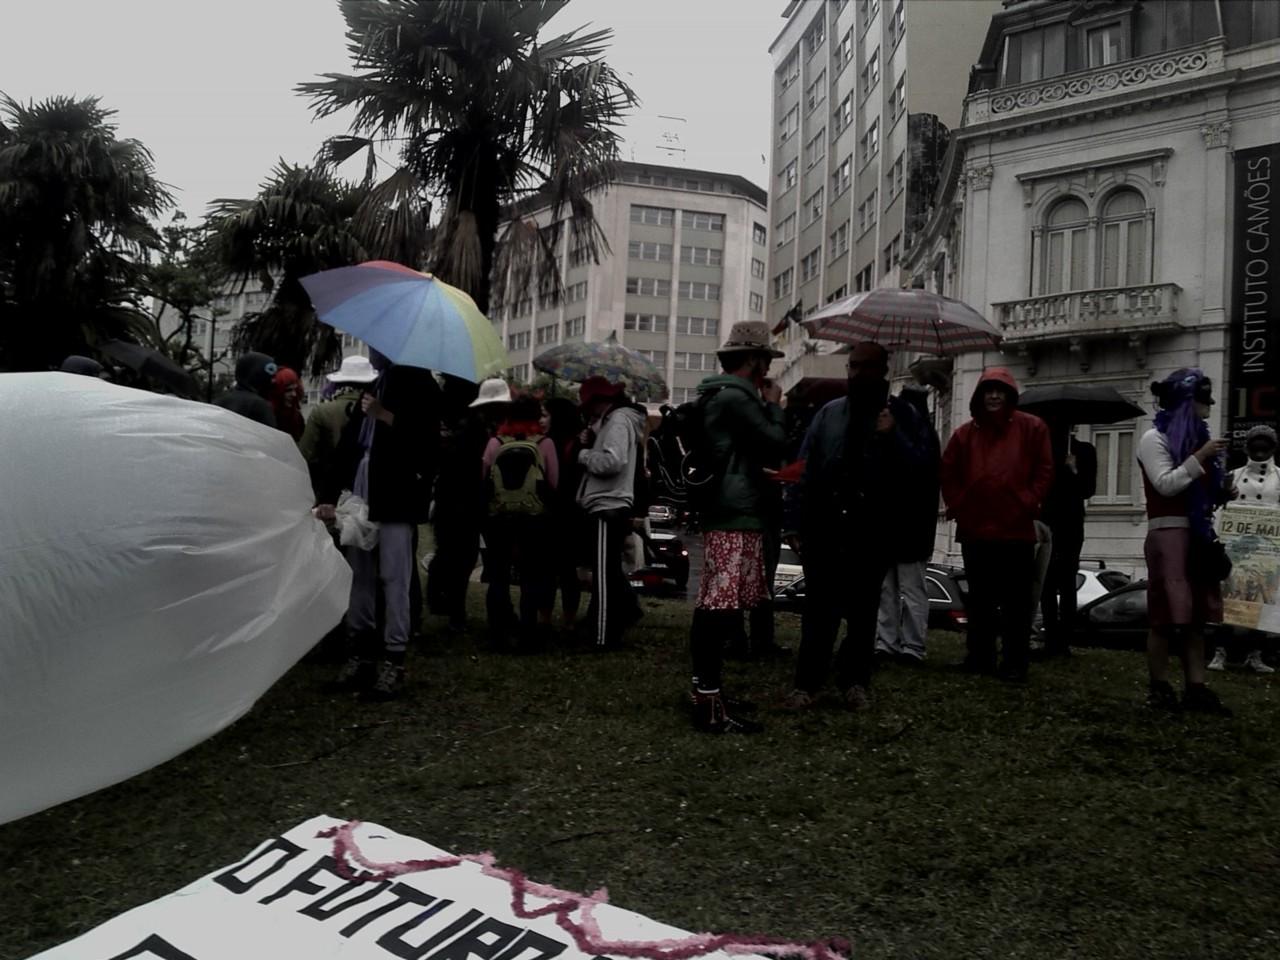 Antes da manifestação, ainda alguns terminavam os seus cartazes, começava a chover.